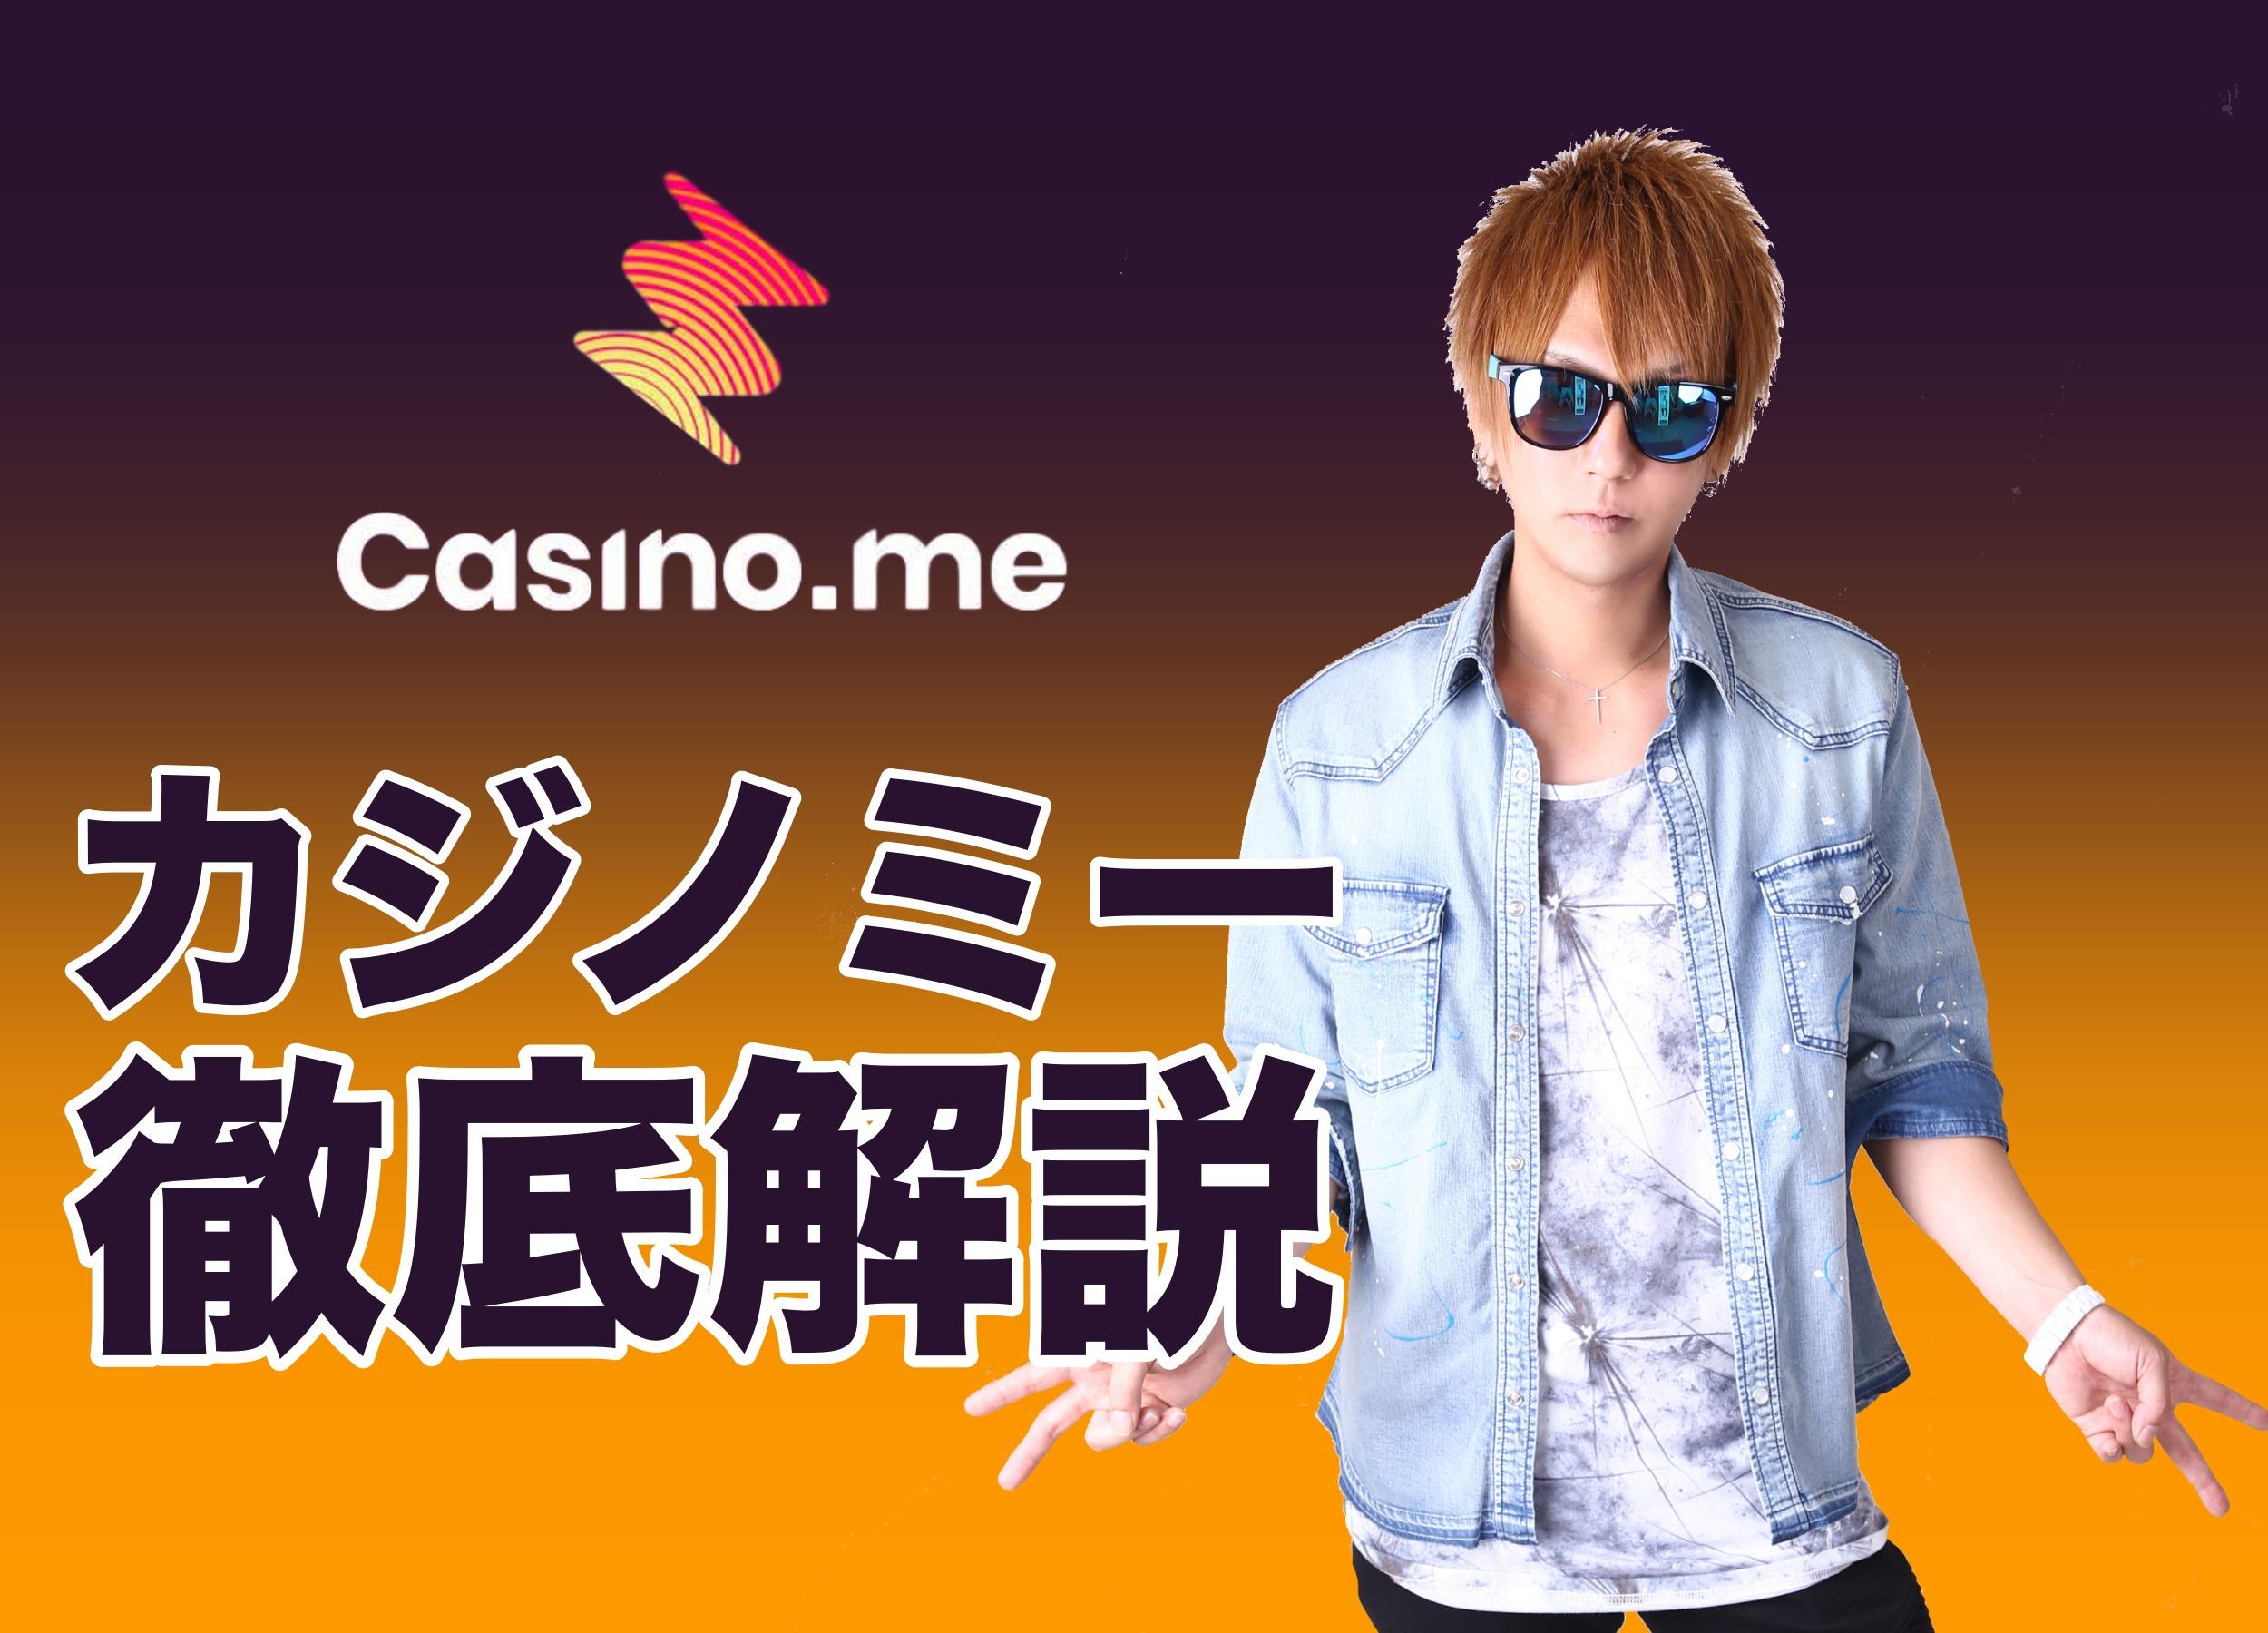 Casino.me(カジノミー)の評判や信頼性、入金ボーナスなどを徹底解説!